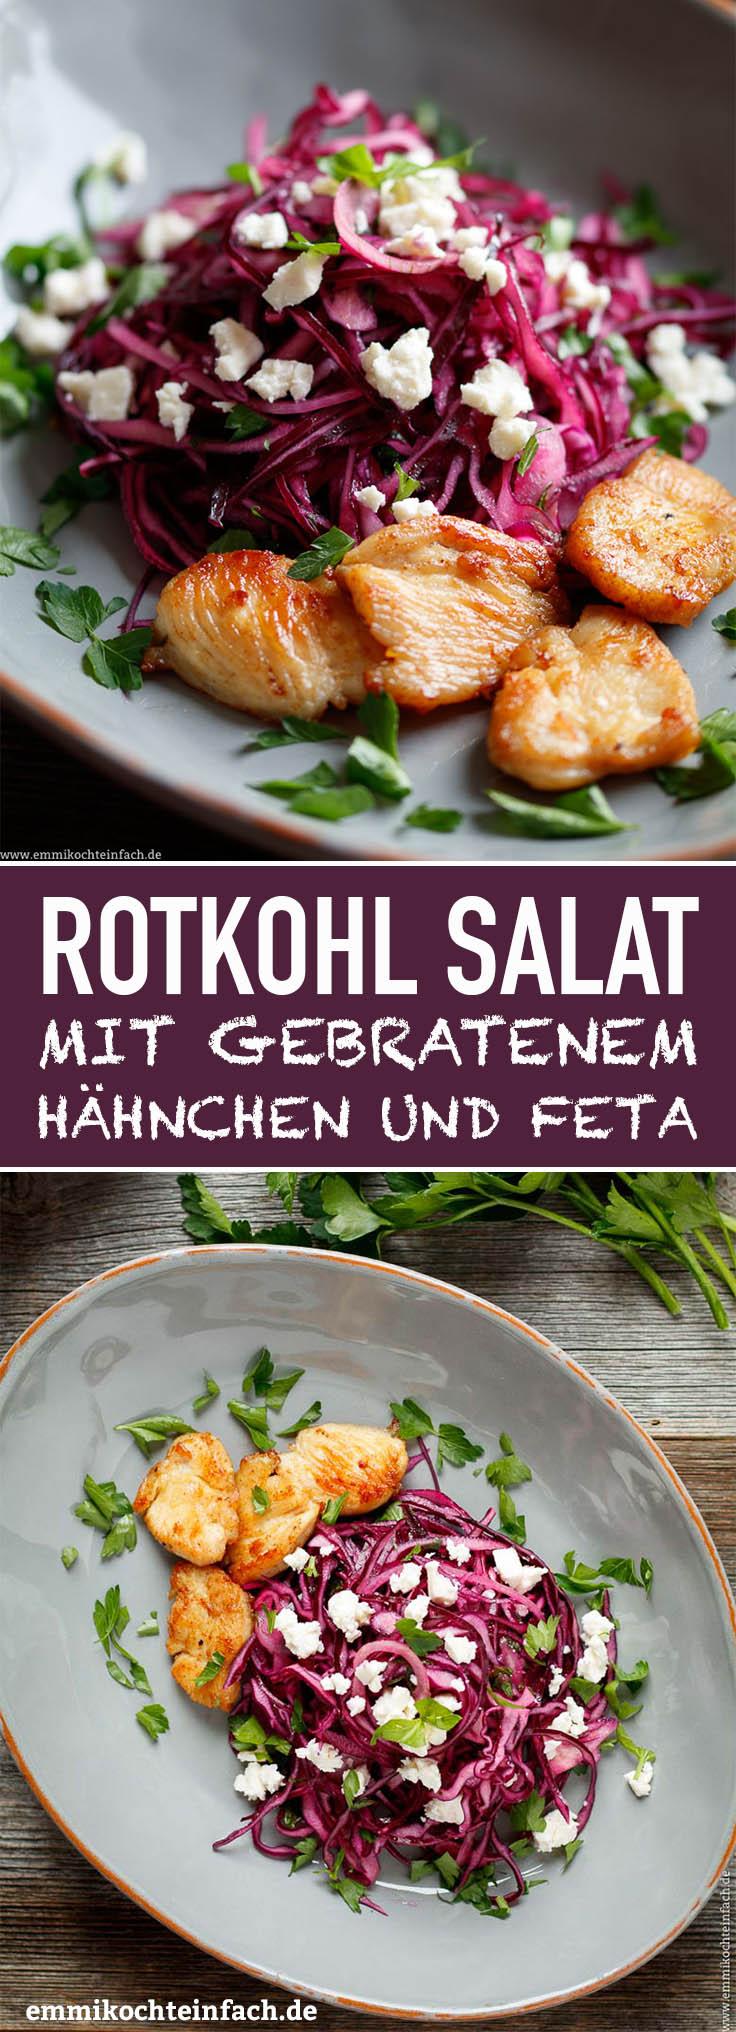 Rotkrautsalat mit gebratenem Hähnchen - www.emmikochteinfach.de